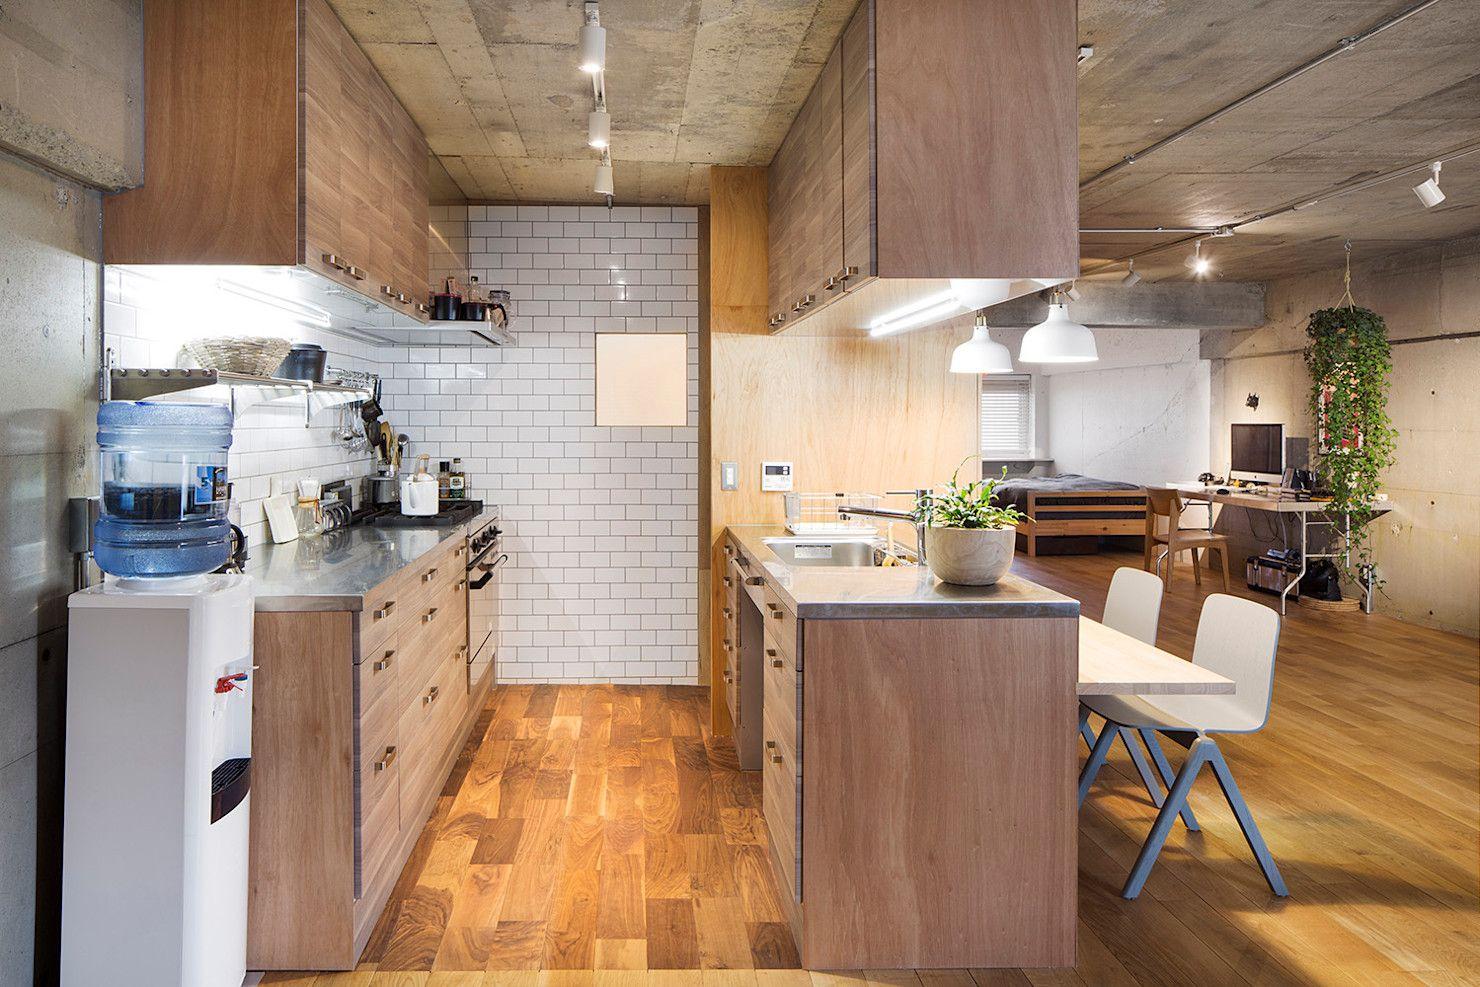 セパレートキッチンで使いやすく楽しめるキッチンに その魅力まとめ集 Kitchen Interior House Interior Kitchen